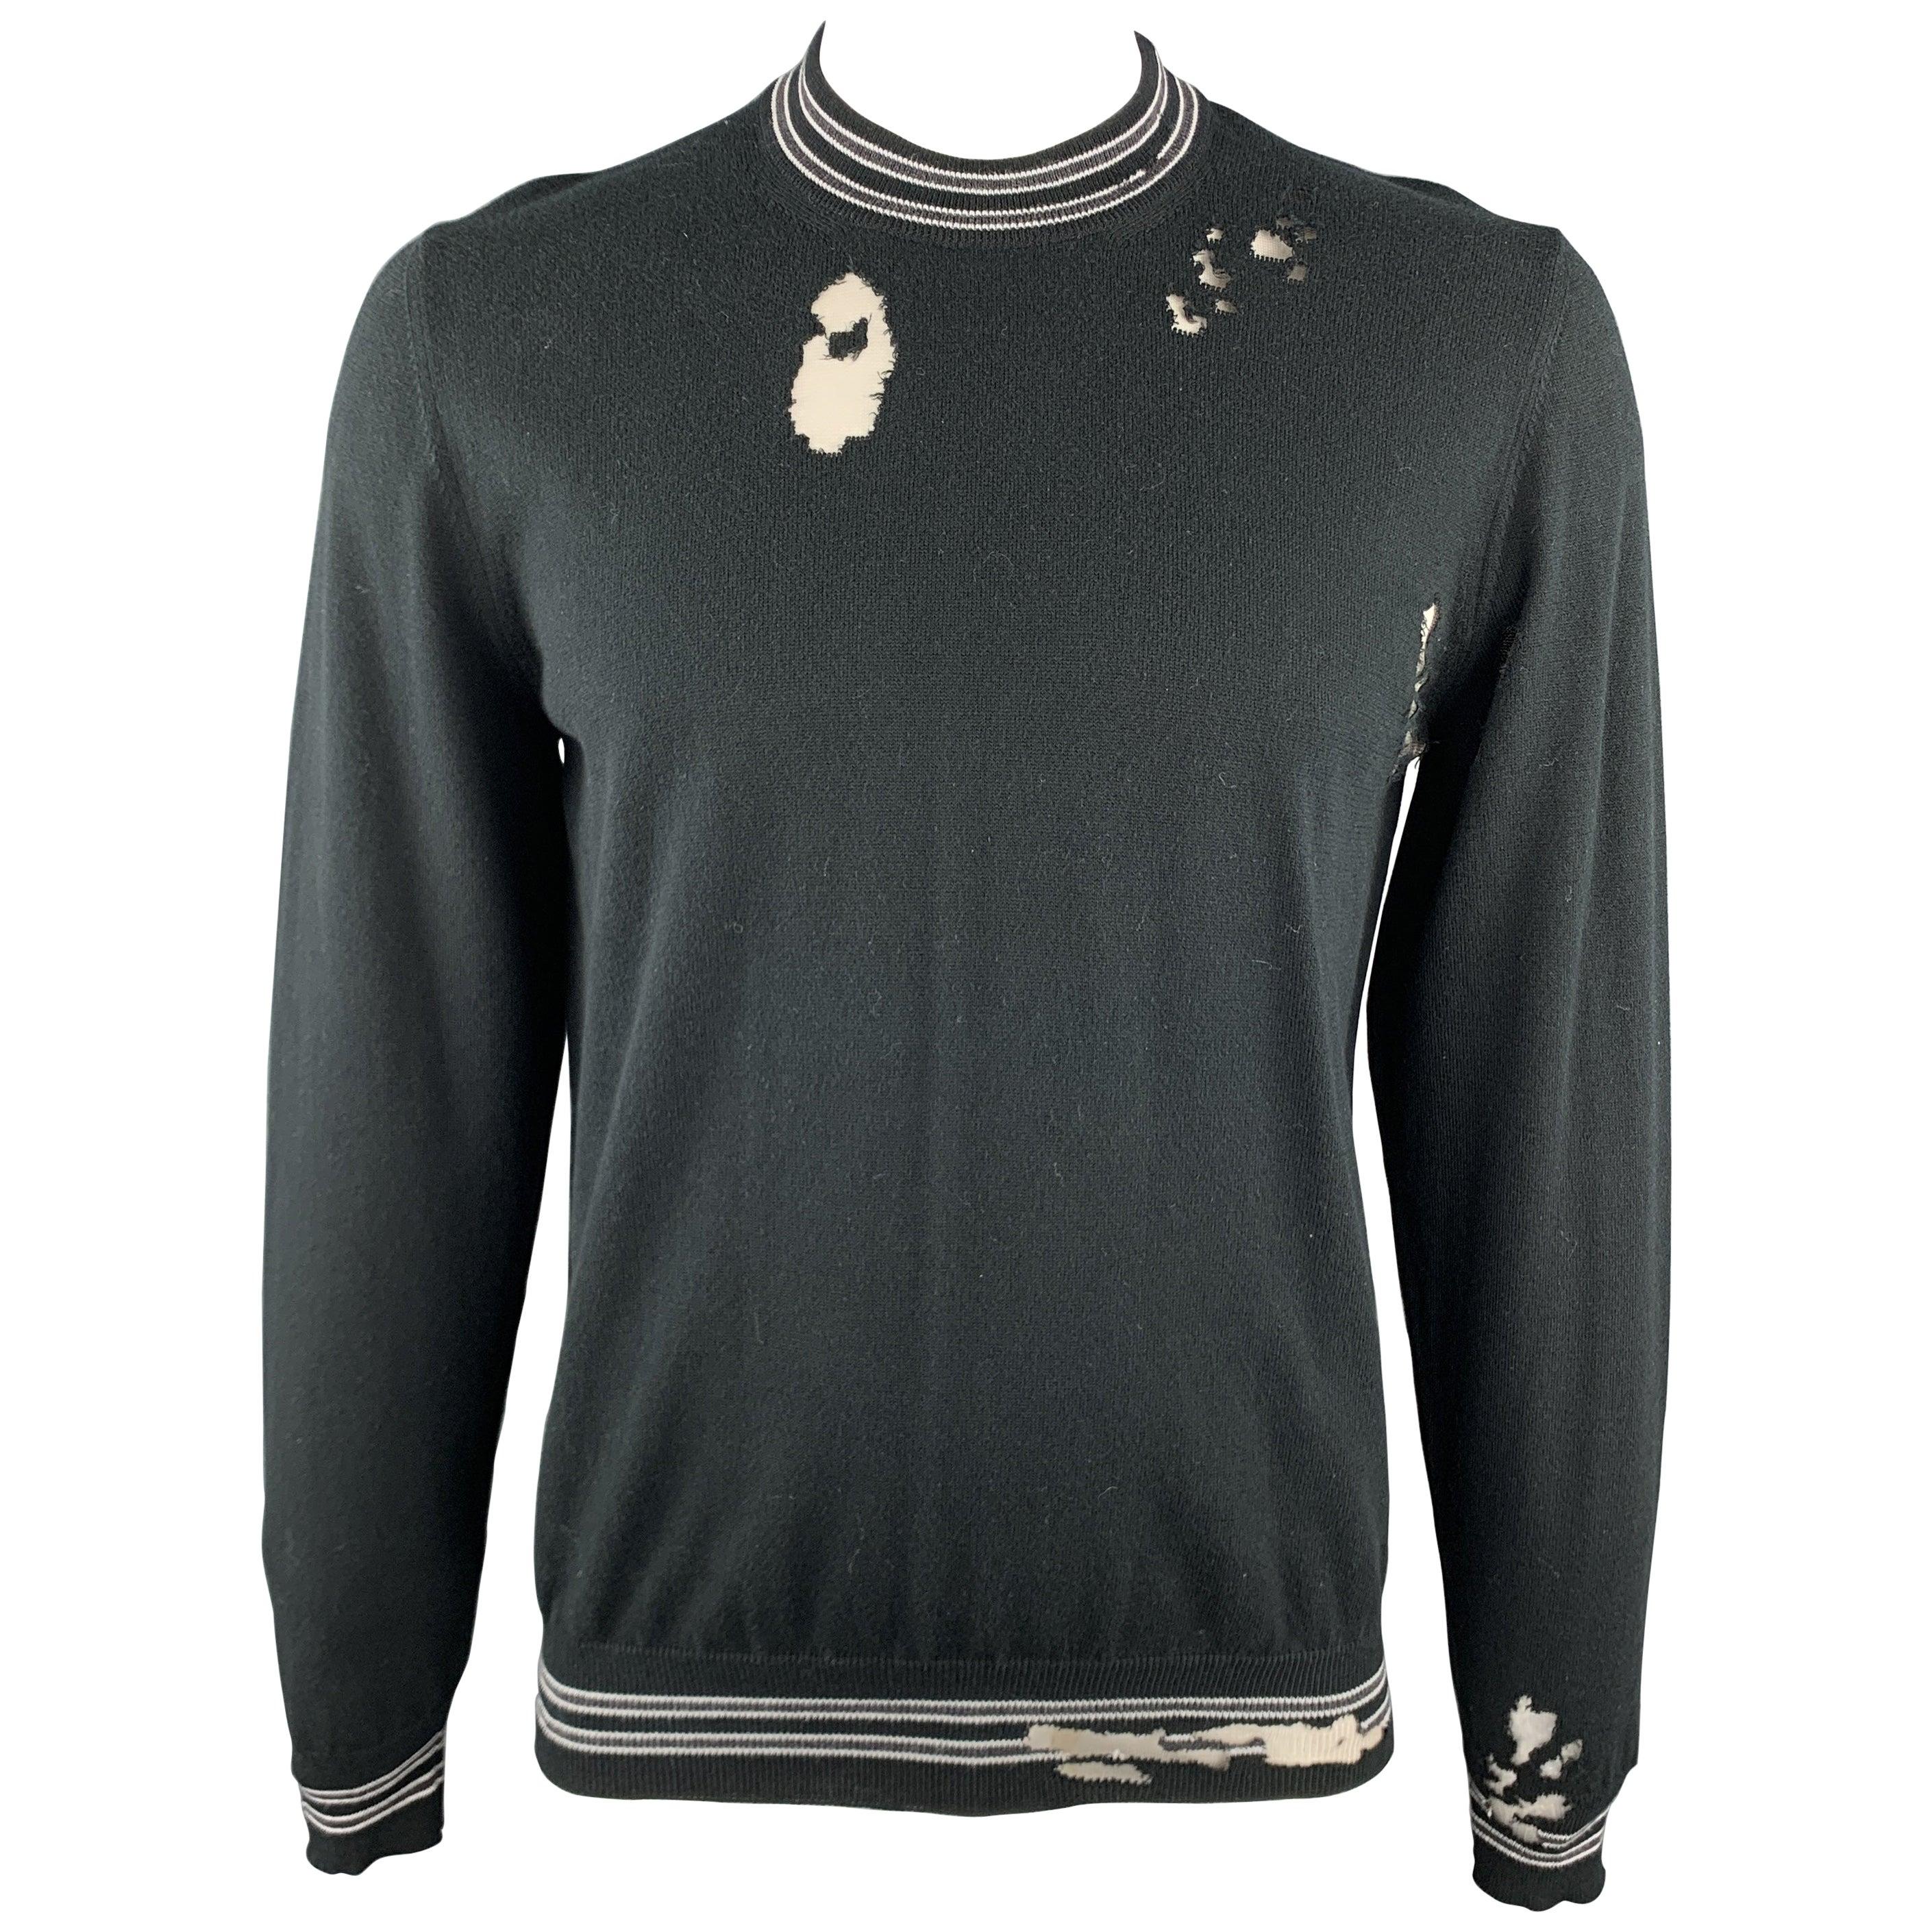 MAISON MARGIELA Size L Black Distressed Cotton Blend Contrast Stripe Pullover